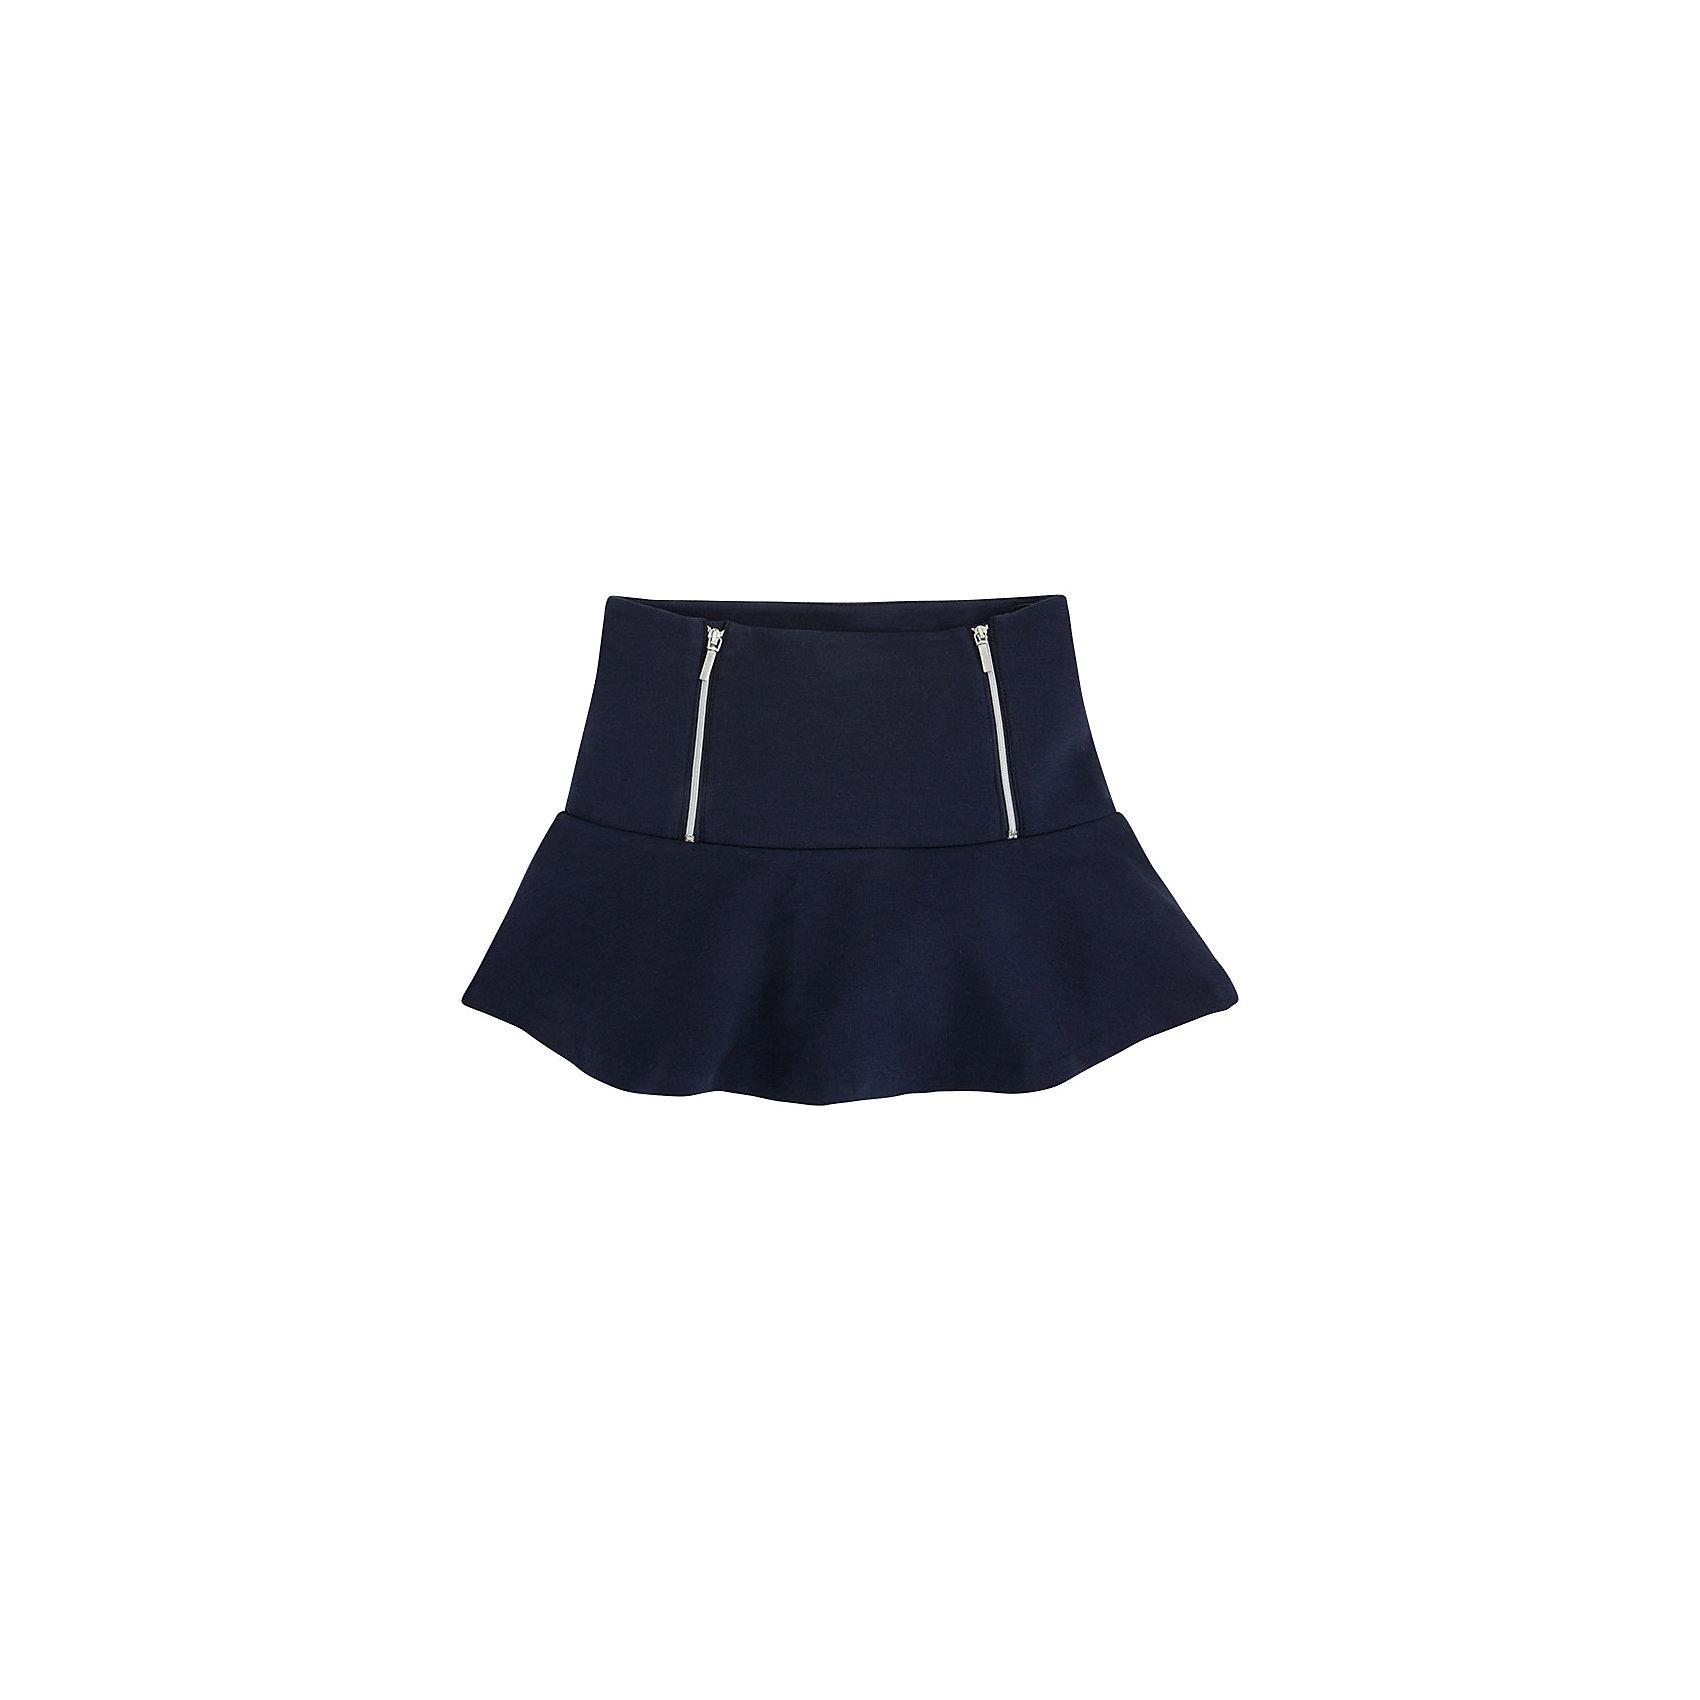 Юбка MayoralЮбки<br>Юбка от известной испанской марки Mayoral.<br>Удобная трикотажная юбка от известного бренда Mayoral поможет девочке создать и повседневный, и нарядный образ. Удобный крой и качественный материал обеспечит ребенку комфорт при ношении этой вещи.<br>Модель имеет следующие особенности:<br><br>- темно-синего цвета эластичный материал;<br>- внизу -  широкий волан;<br>- на поясе - две серебристых молнии.<br><br>Состав: 83% полиэстер, 10% хлопок, 7% эластан<br><br>Уход за изделием:<br><br>стирка в машине при температуре до 30°С,<br>не отбеливать.<br><br>Юбку Mayoral (Майорал) можно купить в нашем магазине.<br><br>Ширина мм: 207<br>Глубина мм: 10<br>Высота мм: 189<br>Вес г: 183<br>Цвет: синий<br>Возраст от месяцев: 156<br>Возраст до месяцев: 168<br>Пол: Женский<br>Возраст: Детский<br>Размер: 164,128,140,152,158<br>SKU: 4190521